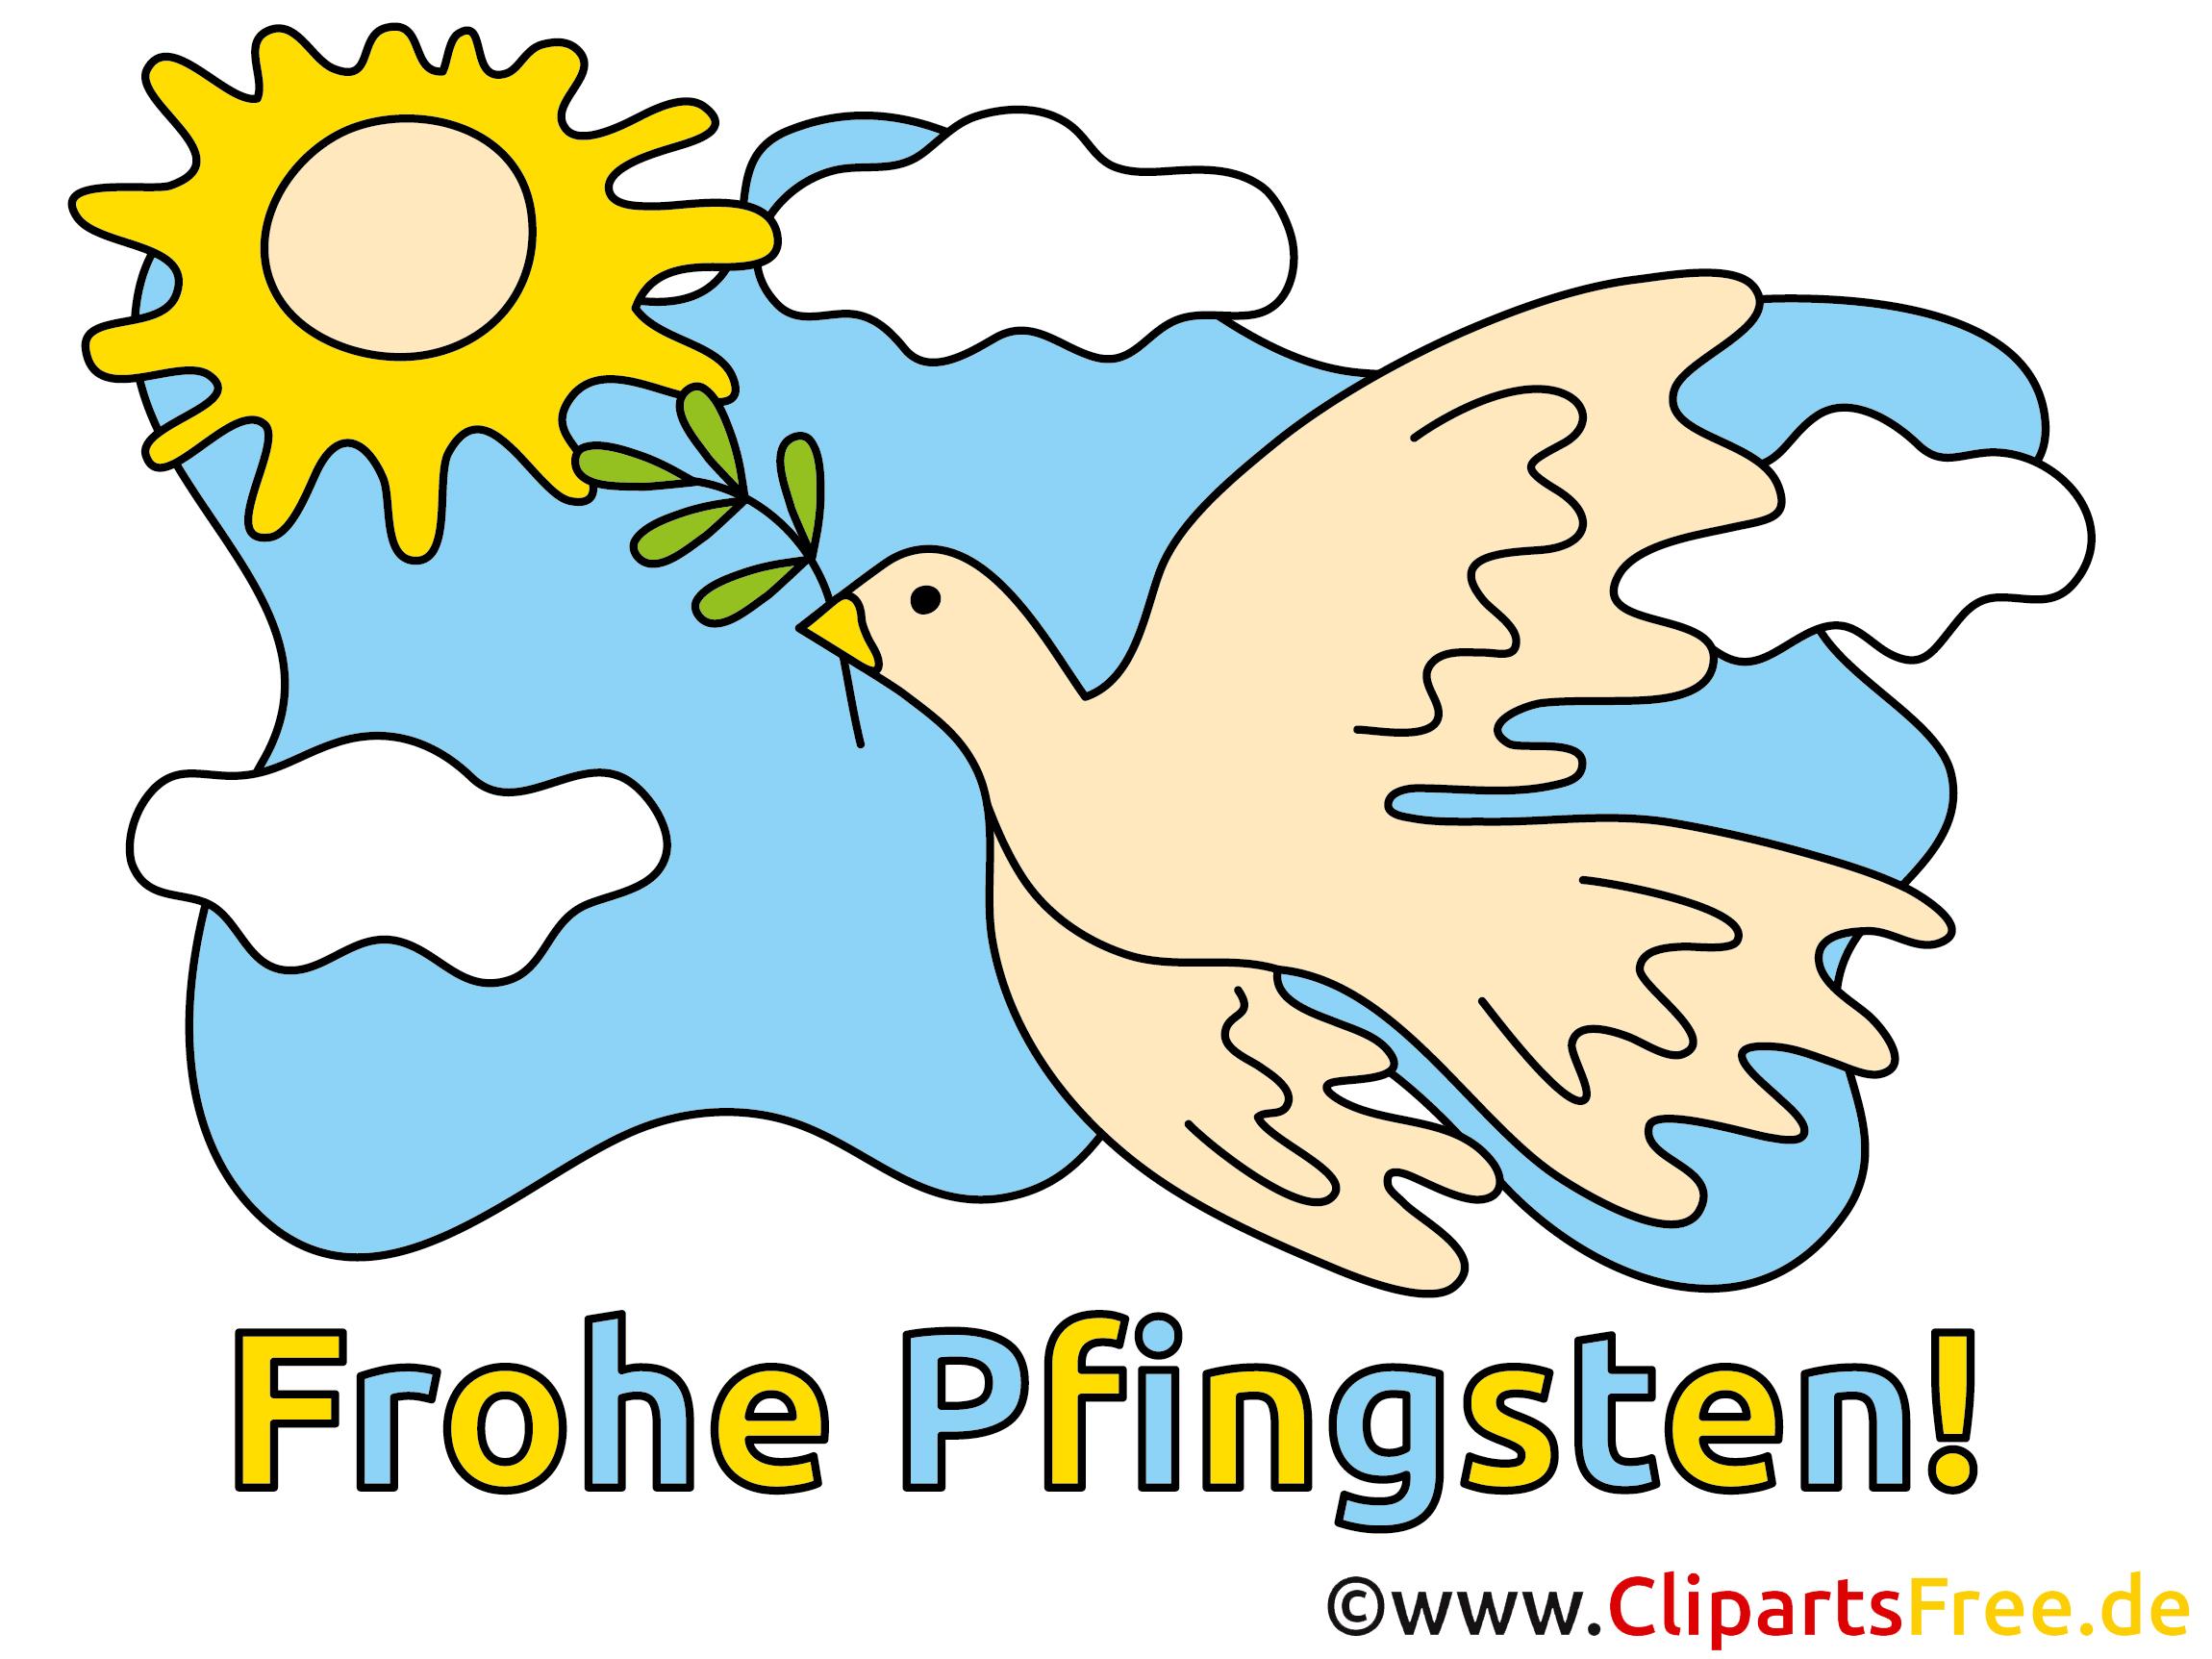 Gute Wünsche zu Pfingsten Bild, Clipart, Illustration